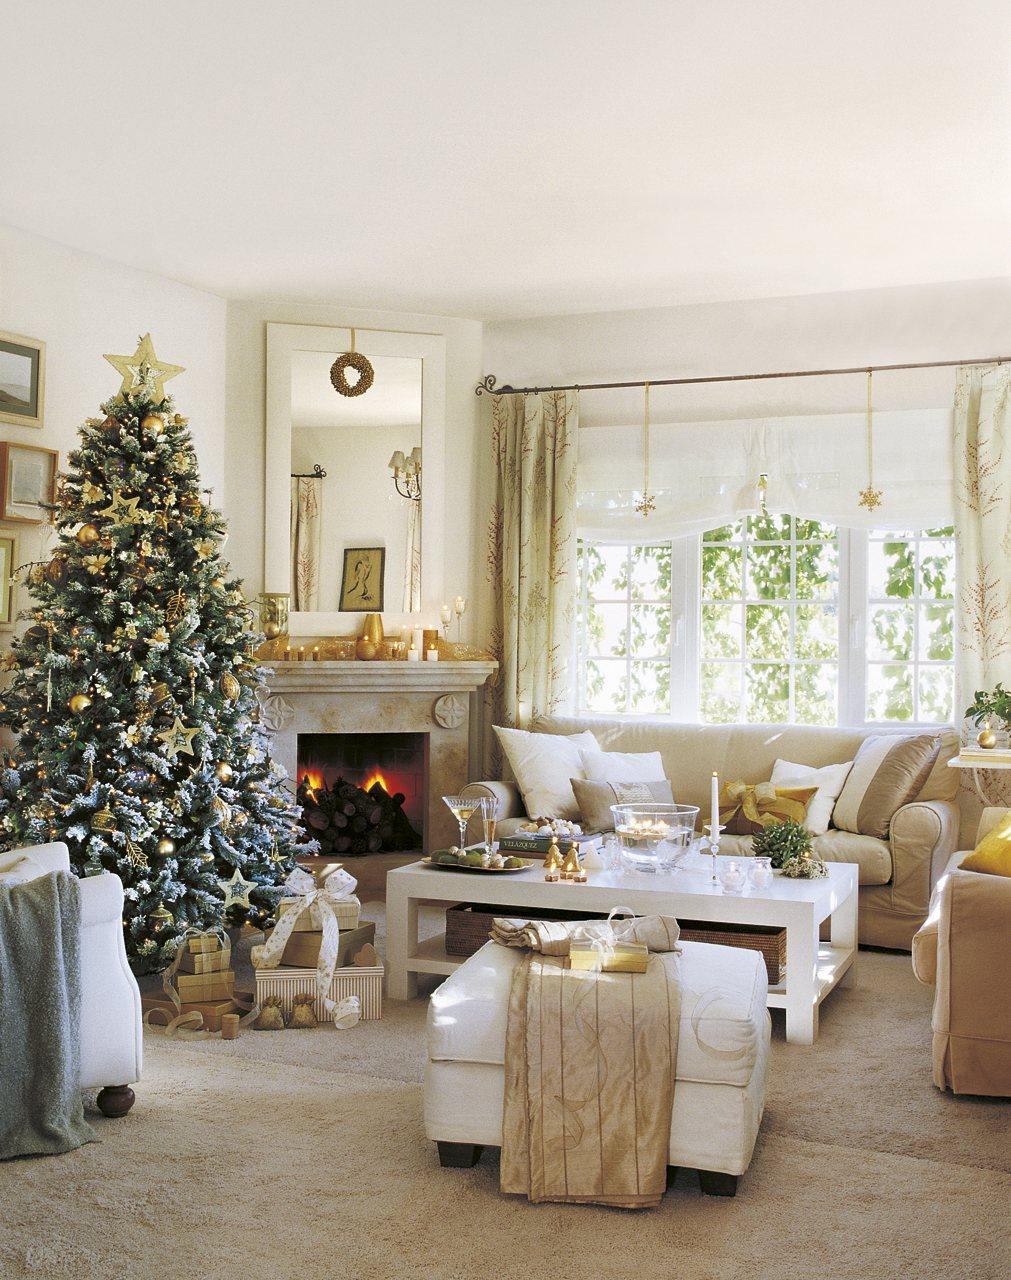 Claves para ser la perfecta anfitriona - Salones decorados para navidad ...